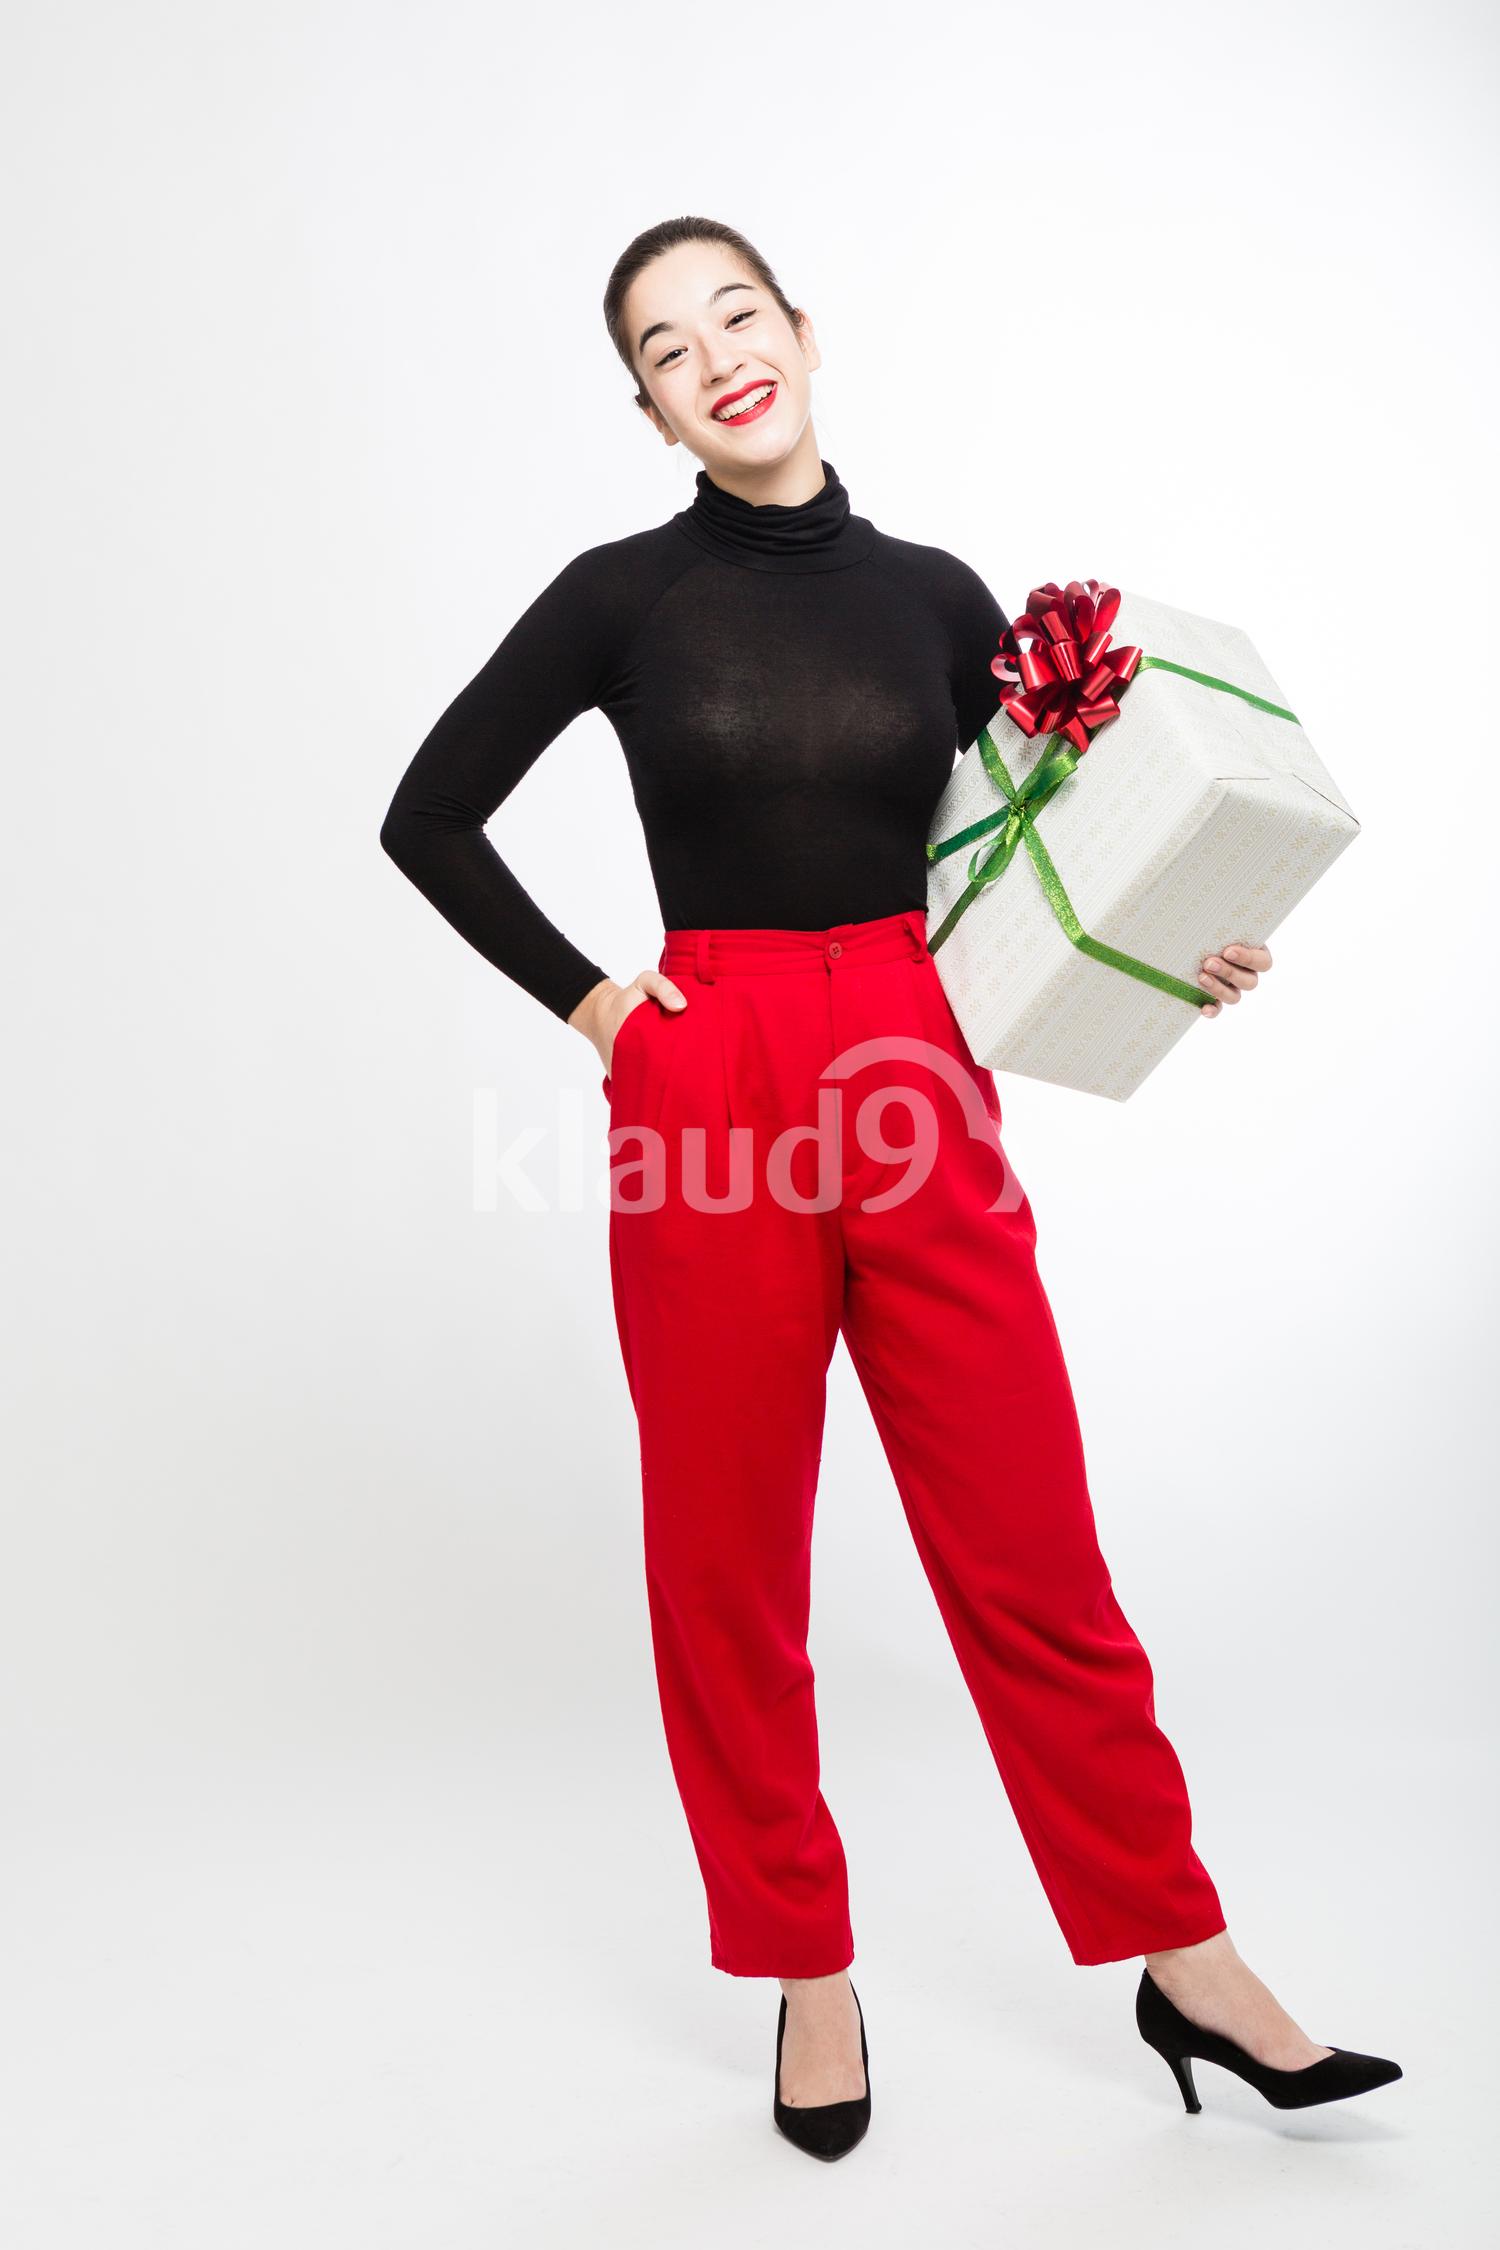 Eurasian Woman with her Big Christmas Gift